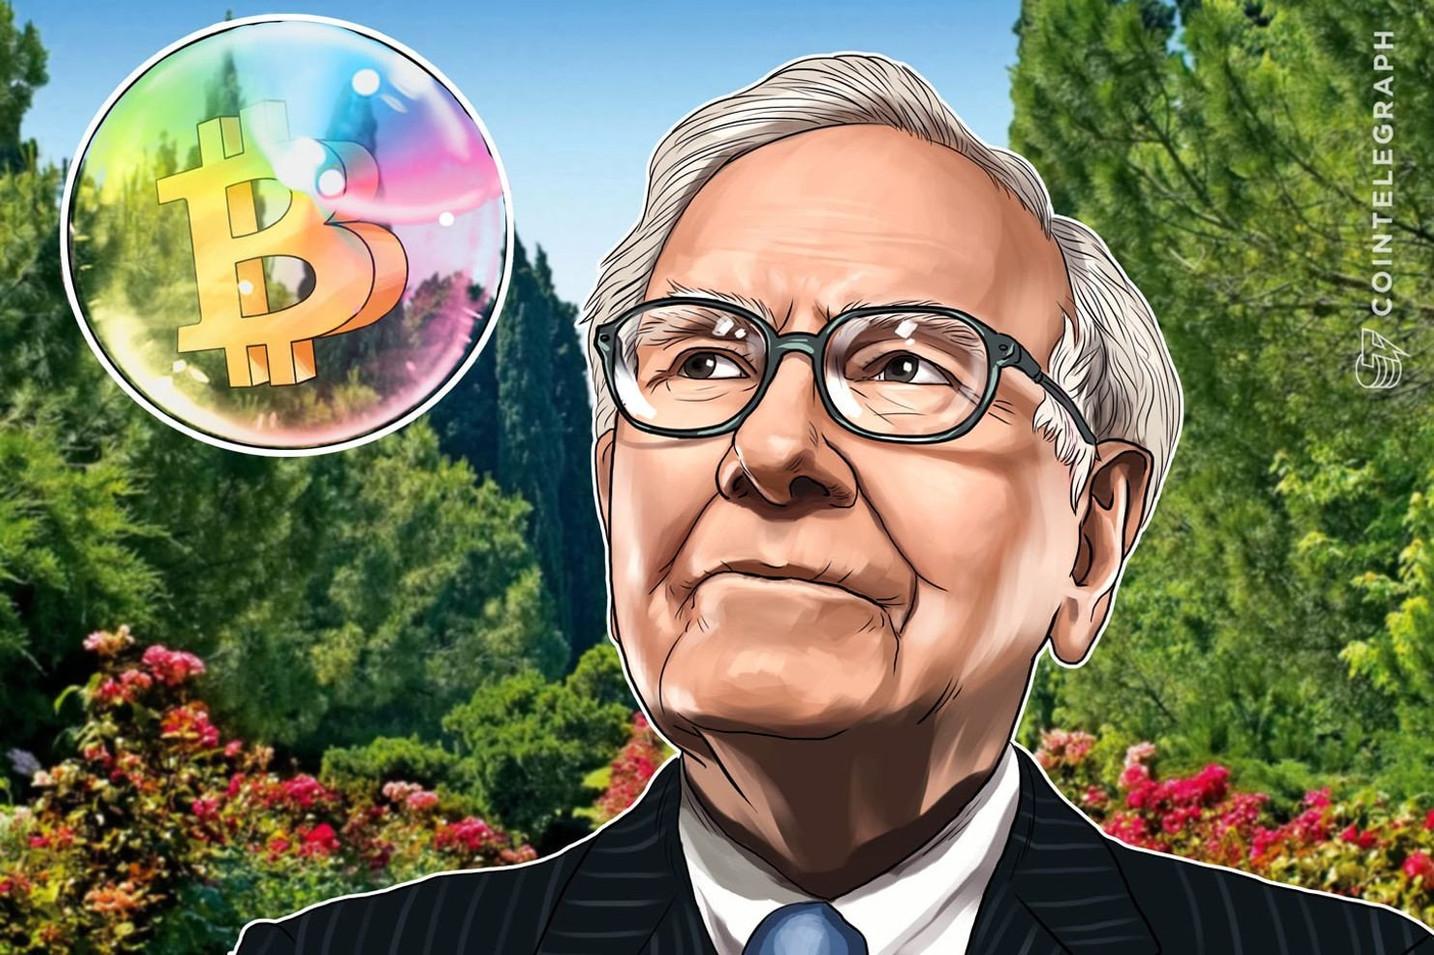 「仮想通貨を保有することは一生ない」ウォーレン・バフェット、例の食事後もアンチ姿勢は変わらず【ニュース】